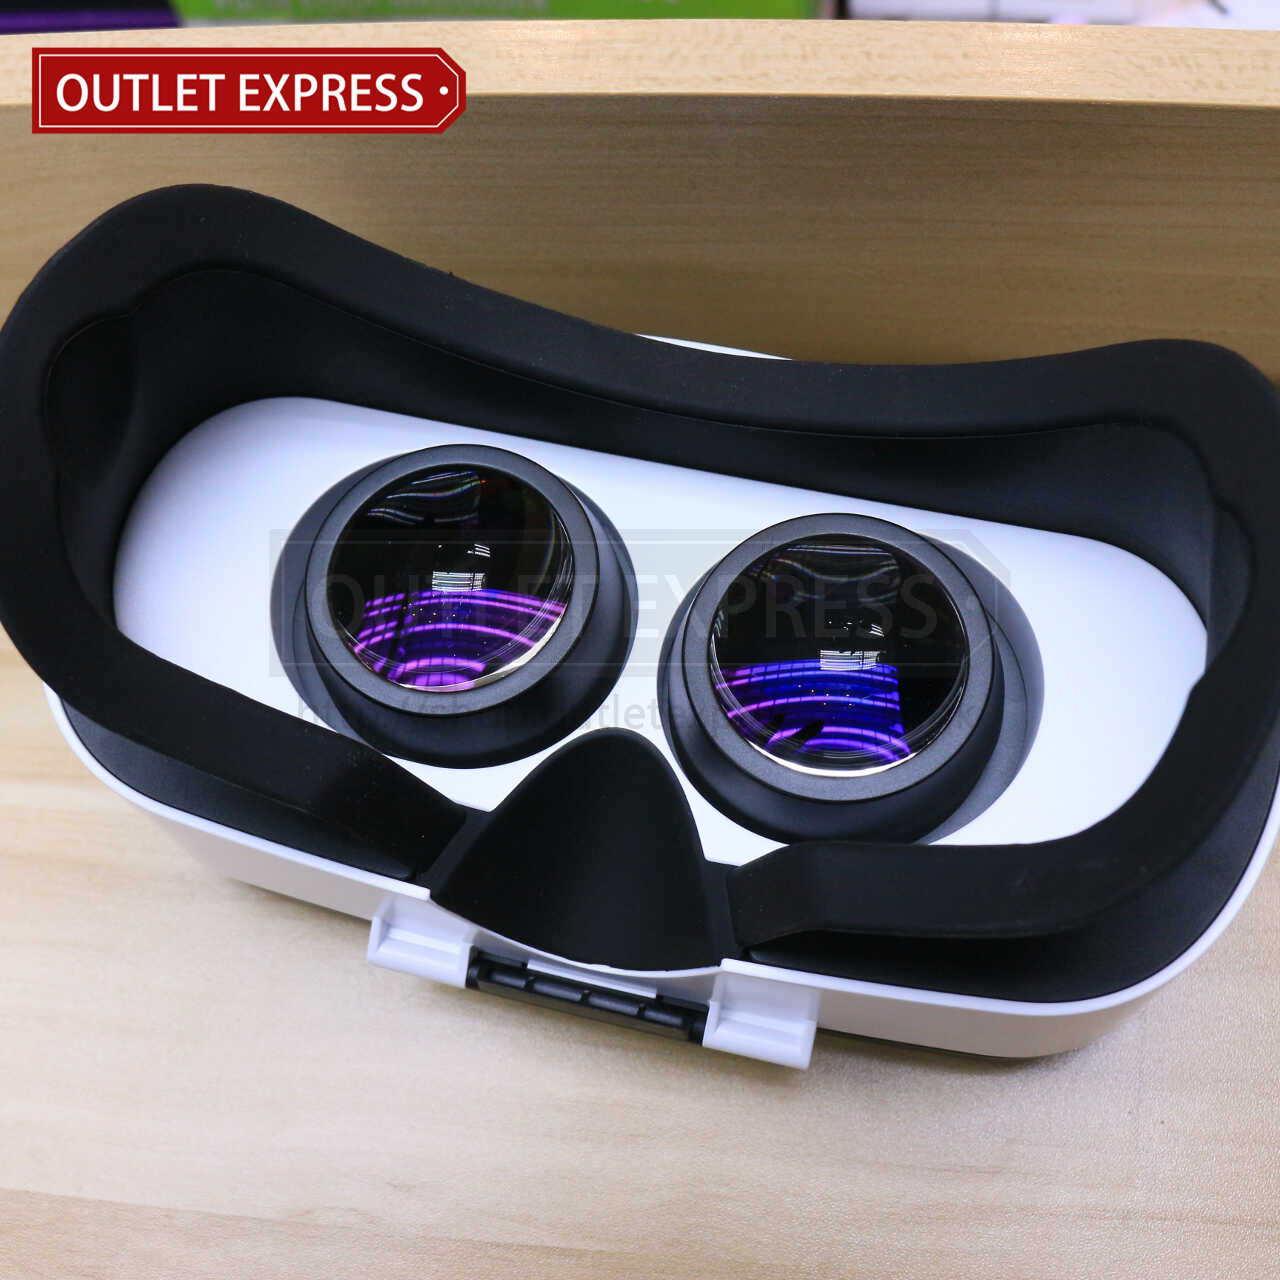 暴風魔鏡4  VR虛擬實境眼鏡 眼鏡位置- Outlet Express HK生活百貨城實拍相片